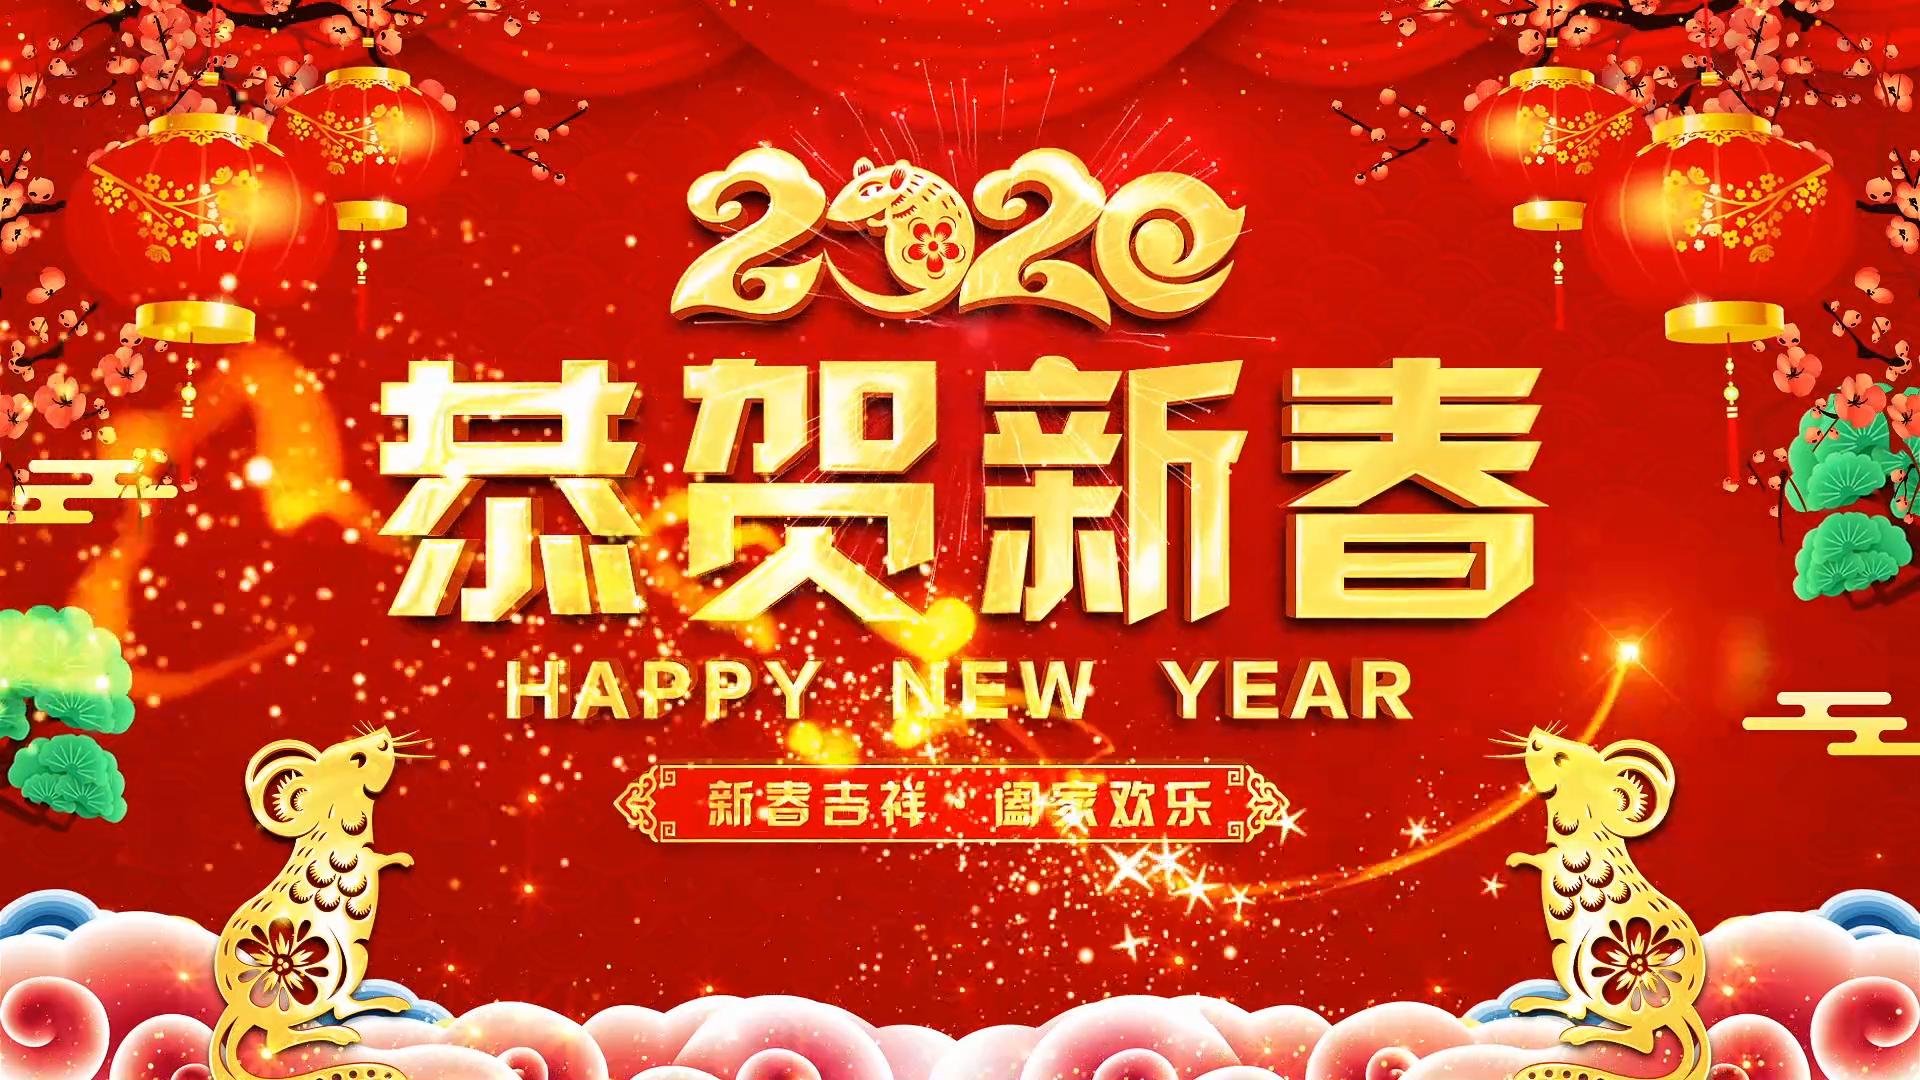 2020鼠年春节拜年祝福会声会影模板